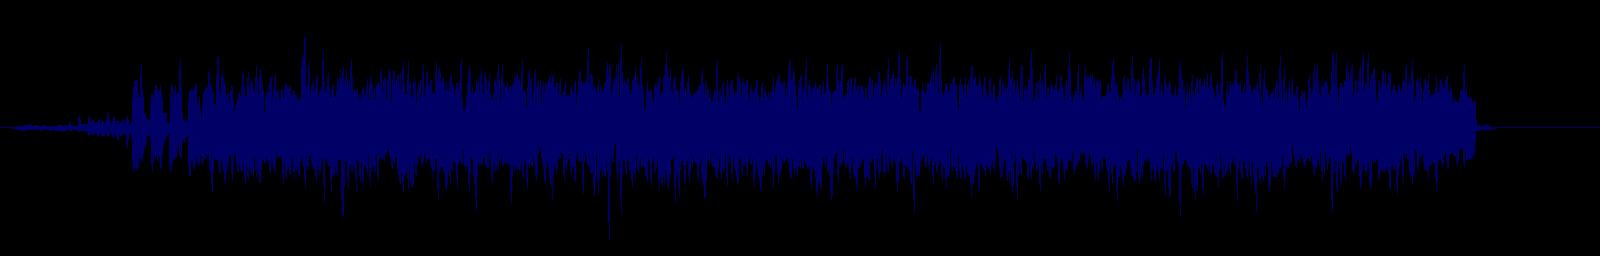 waveform of track #146652